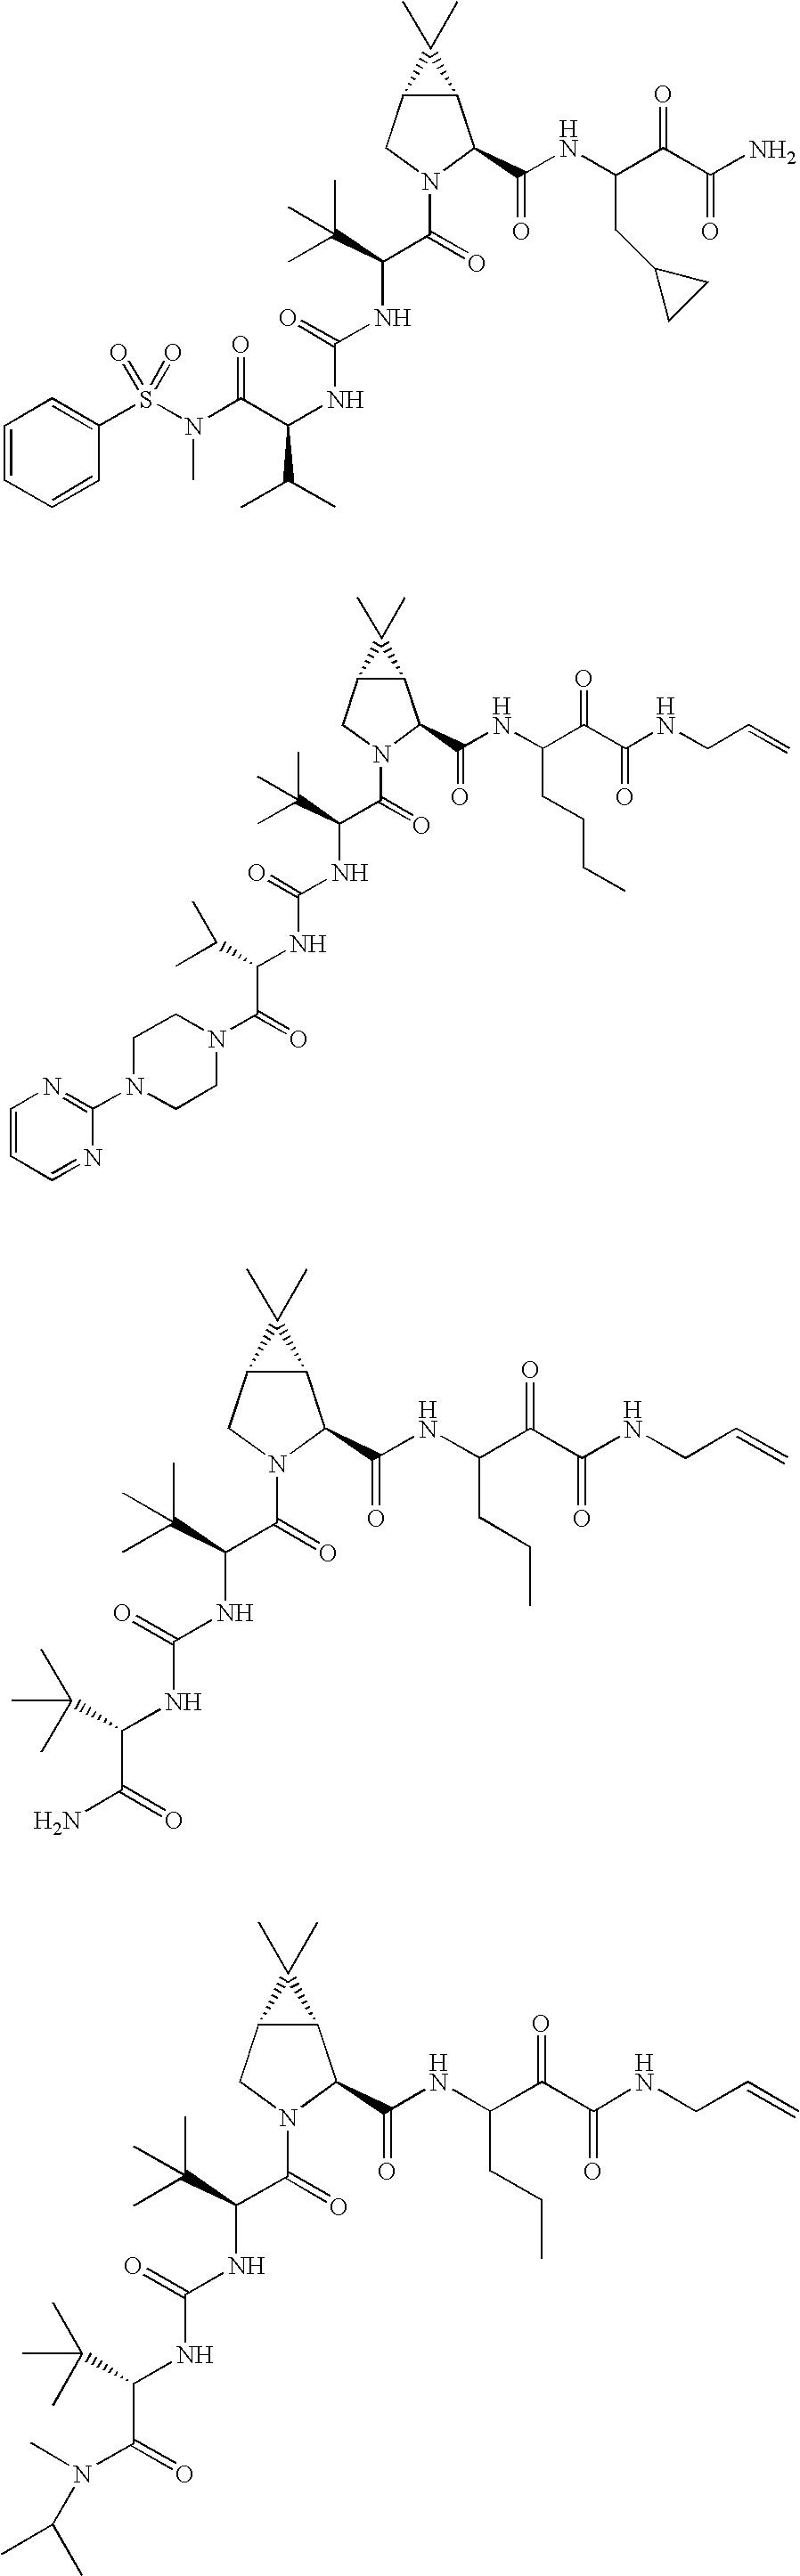 Figure US20060287248A1-20061221-C00325